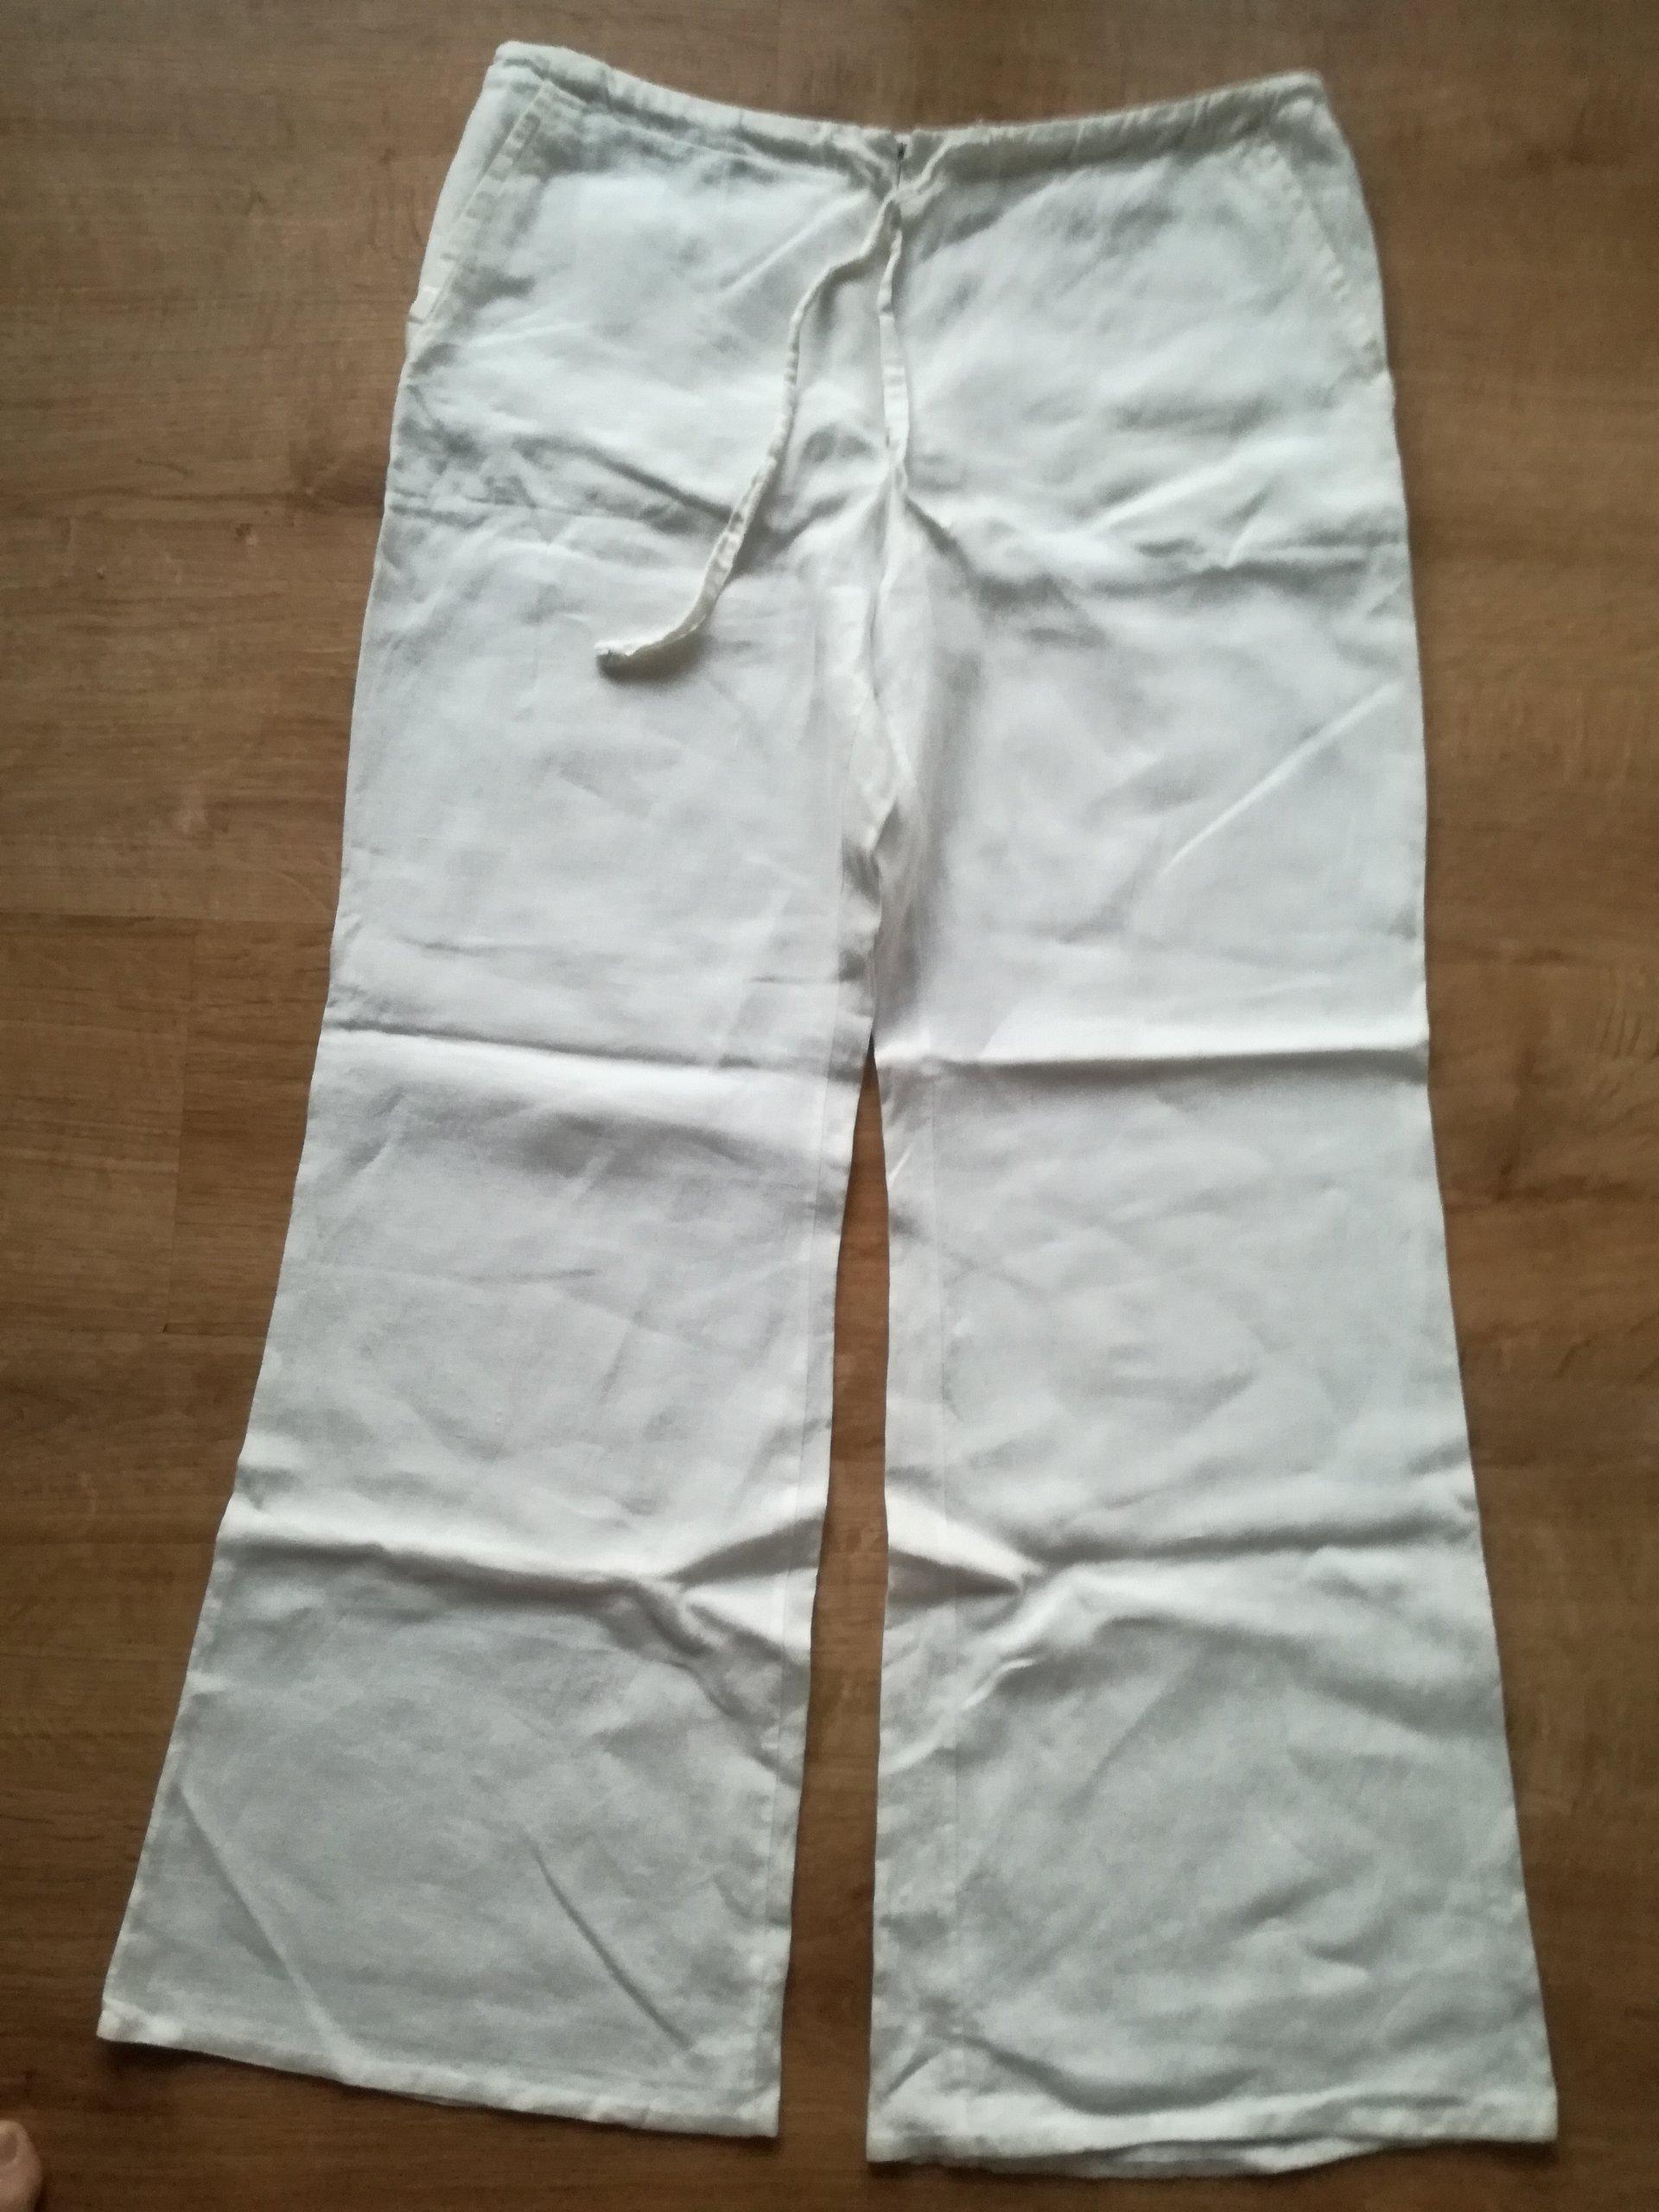 daeb9dd29d FAMA BIAŁE spodnie LNIANE len lato roz. 40 KRAKÓW - 7307181009 ...